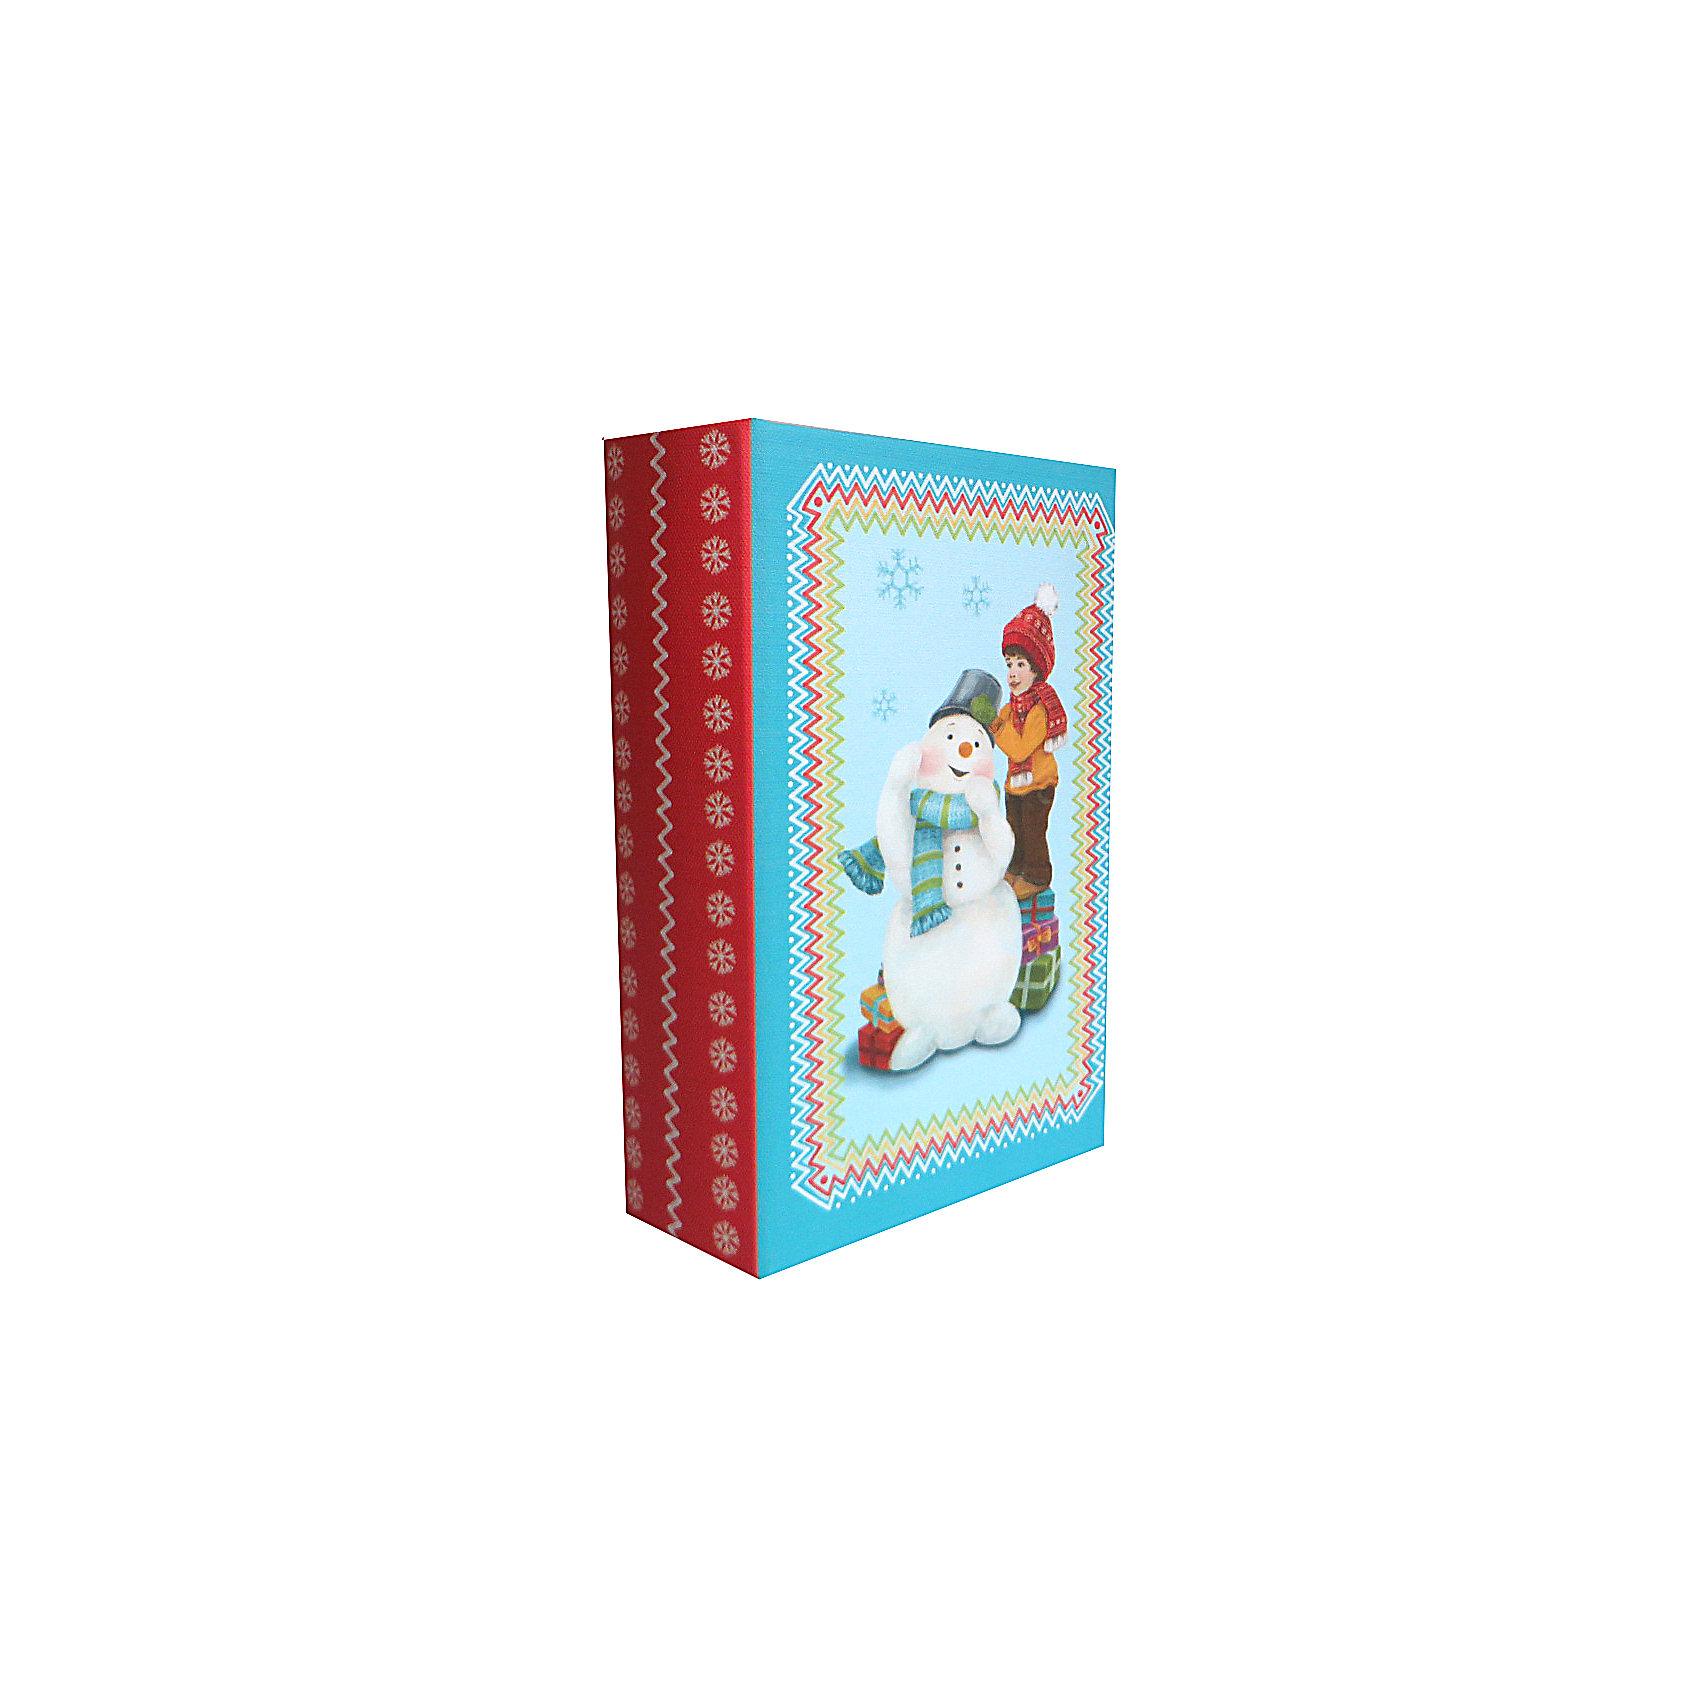 Шкатулка Снеговик и мальчикНовинки Новый Год<br>Шкатулка Снеговик и мальчик, Феникс-Презент, замечательно украсит Ваш новогодний интерьер и станет приятным сувениром для родных и друзей. Оригинальная шкатулка выполнена в форме книги и украшена красочным изображением очаровательного мальчика с забавным снеговиком, закрывается на магнит. Симпатичный сувенир порадует и взрослых и детей и прекрасно подойдет для хранения мелочей и украшений.<br><br>Дополнительная информация:<br><br>- Материал: дерево (МДФ). <br>- Размер шкатулки: 17 х 11 х 5 см.<br>- Размер упаковки: 18 x 12 x 6 см.<br>- Вес: 0,307 кг. <br><br>Шкатулку Снеговик и мальчик, Феникс-Презент, можно купить в нашем интернет-магазине.<br><br>Ширина мм: 60<br>Глубина мм: 120<br>Высота мм: 180<br>Вес г: 307<br>Возраст от месяцев: 36<br>Возраст до месяцев: 2147483647<br>Пол: Унисекс<br>Возраст: Детский<br>SKU: 4276553